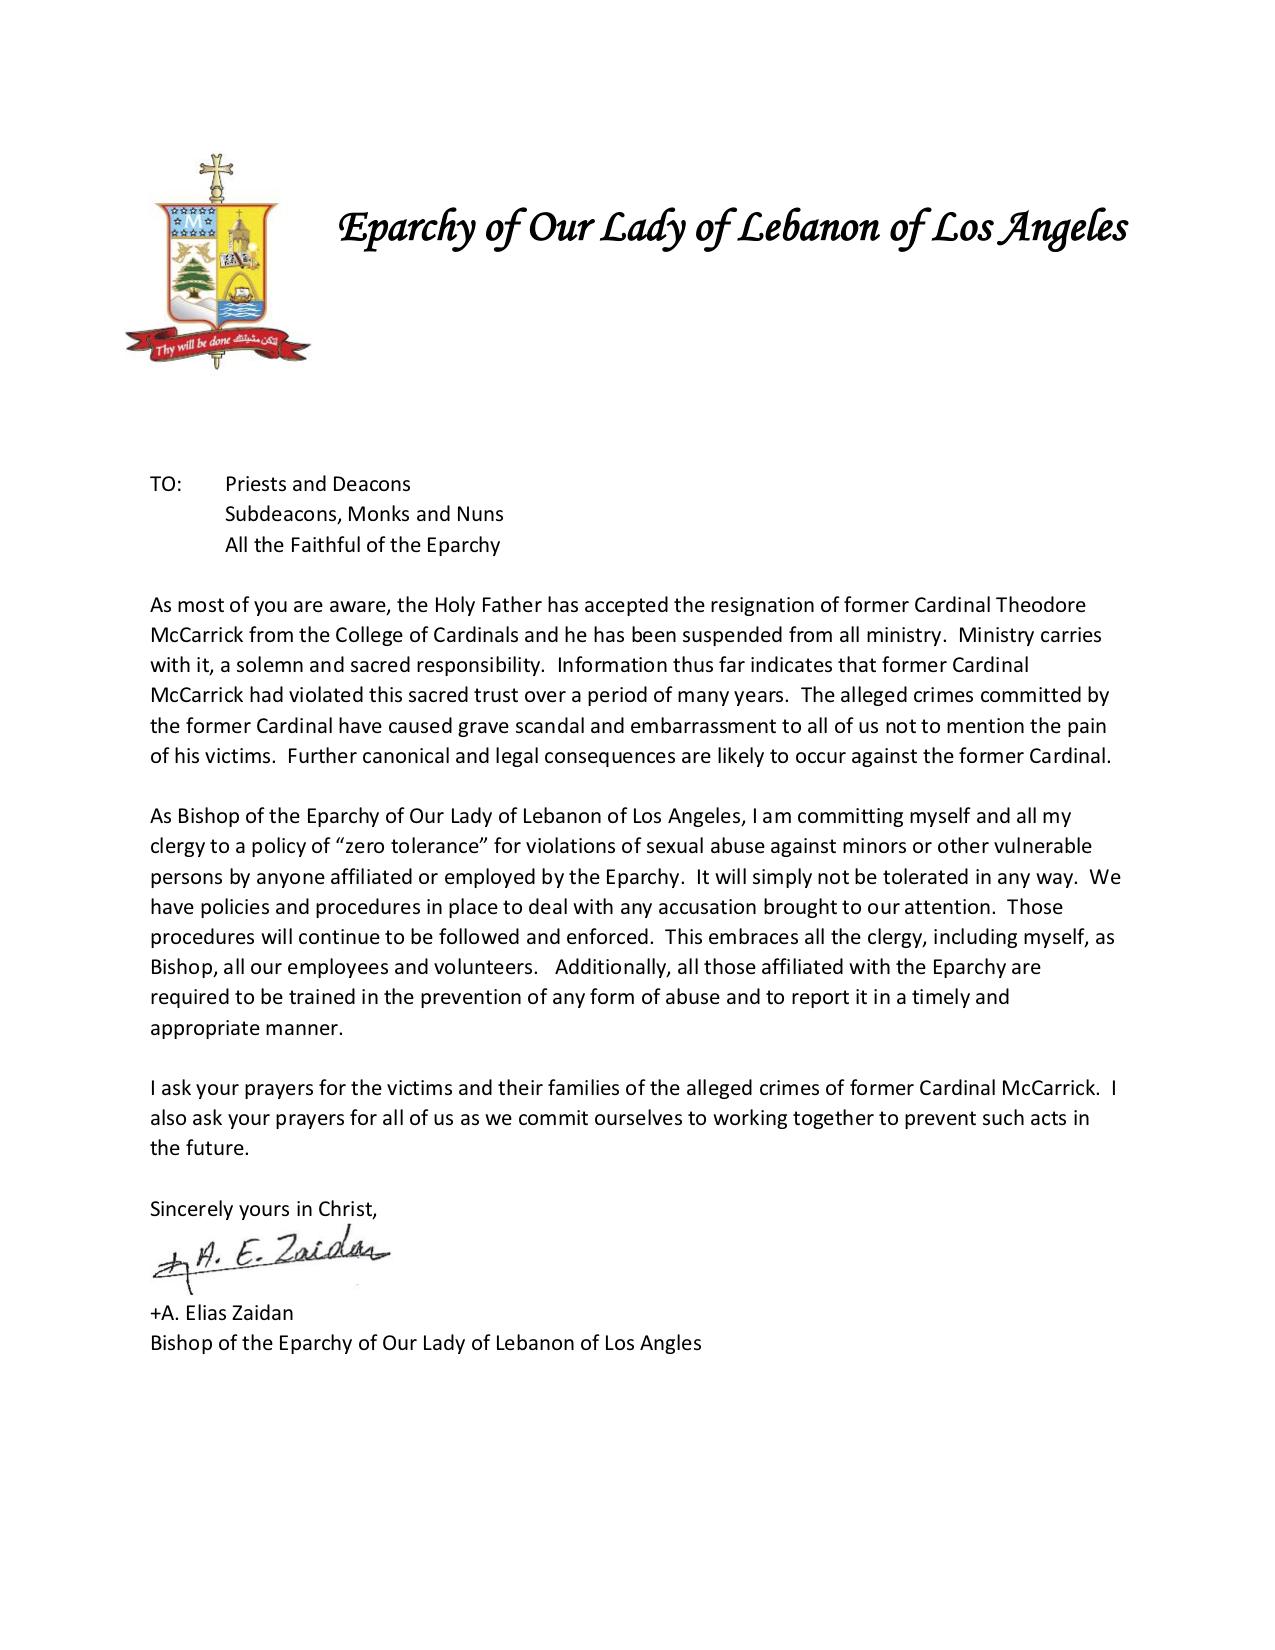 Letter from Bishop Zaidan | Saint Sharbel Church